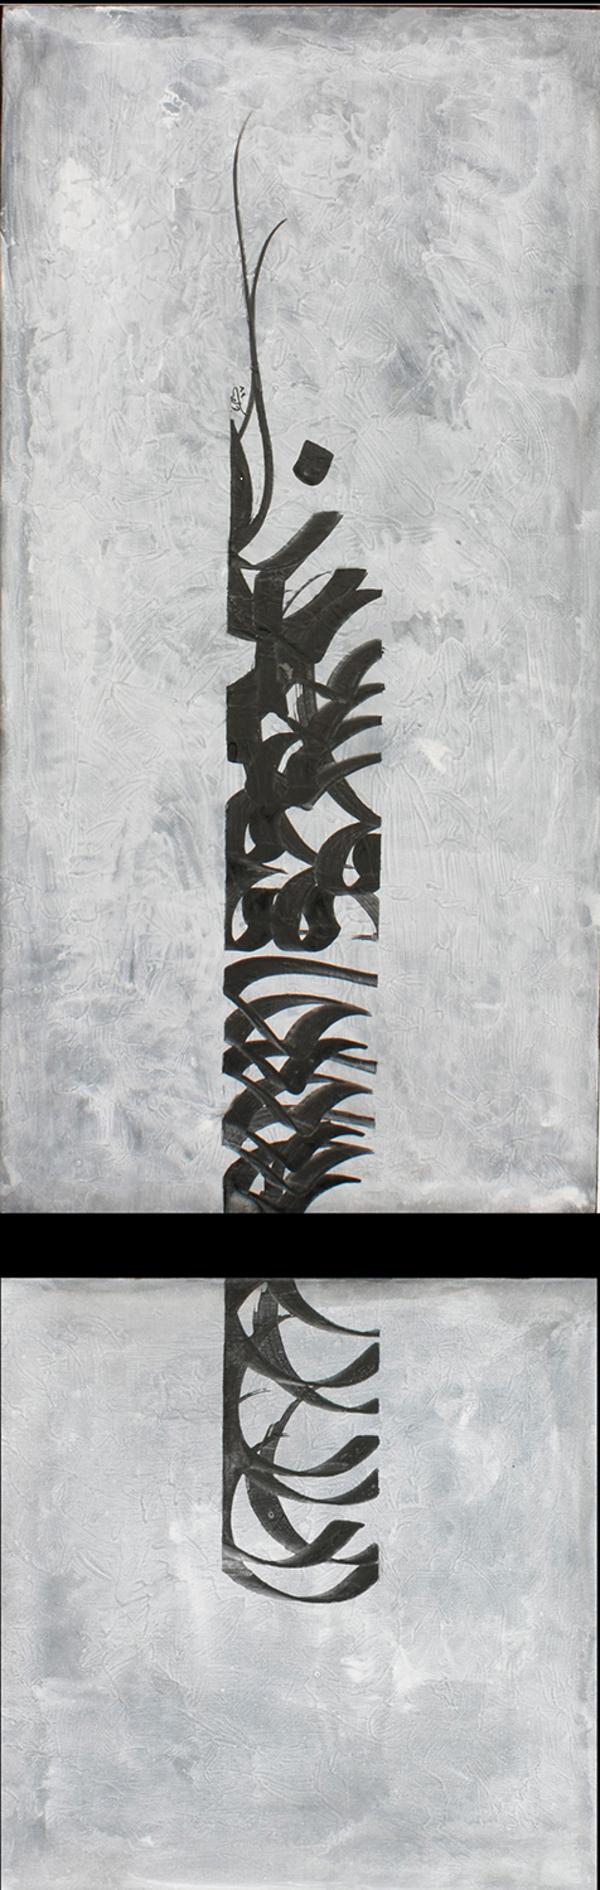 Works Of Art ALIREZA JAVADI